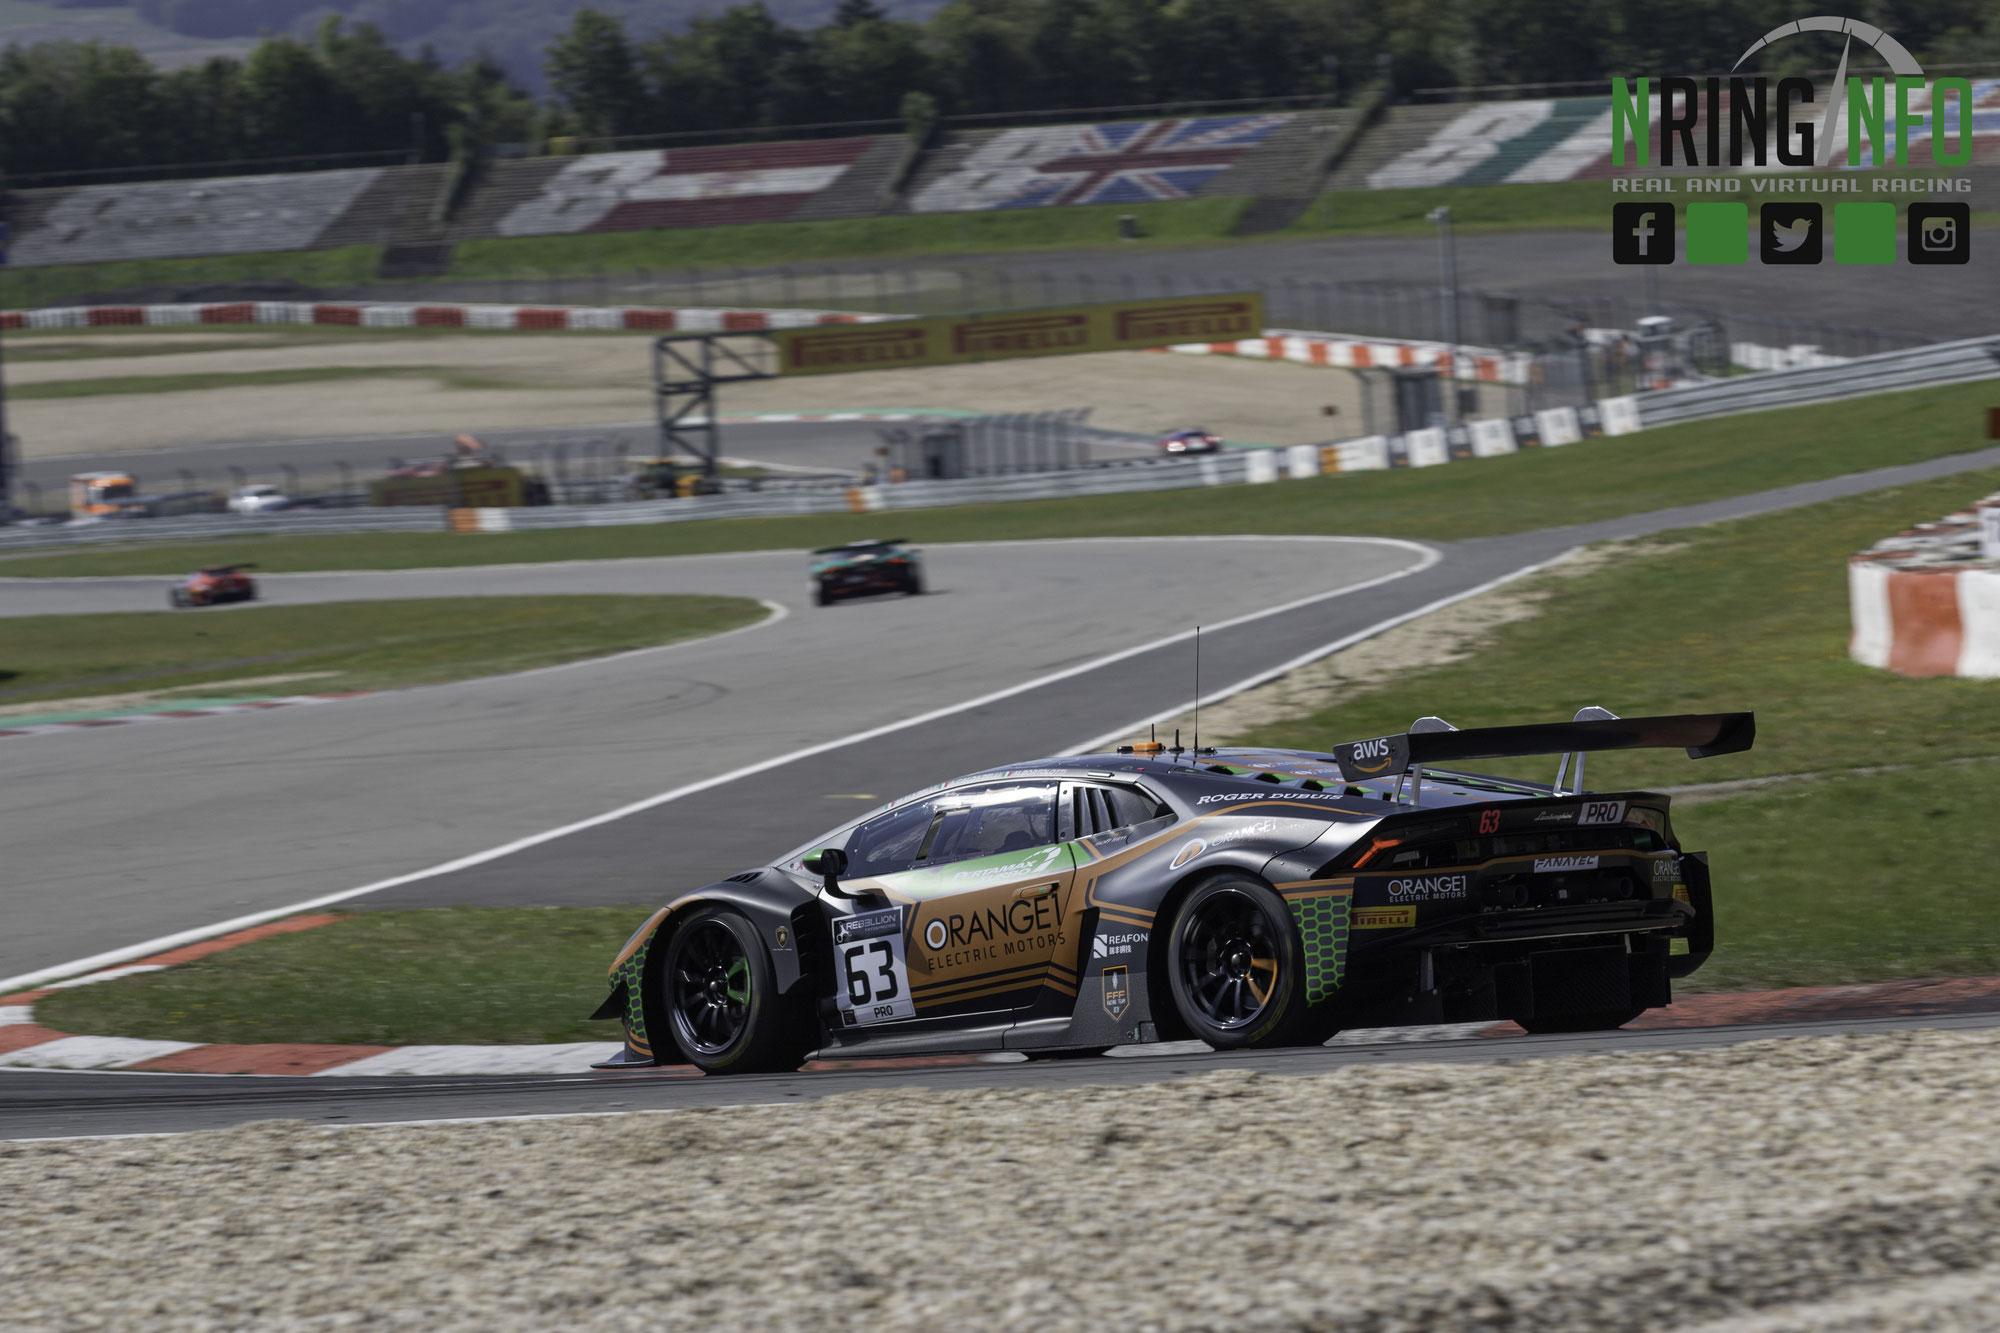 Orange1 FFF Racing holt mit dem Lamborghini #63 die dritte Gesamtpole aus vier Rennen